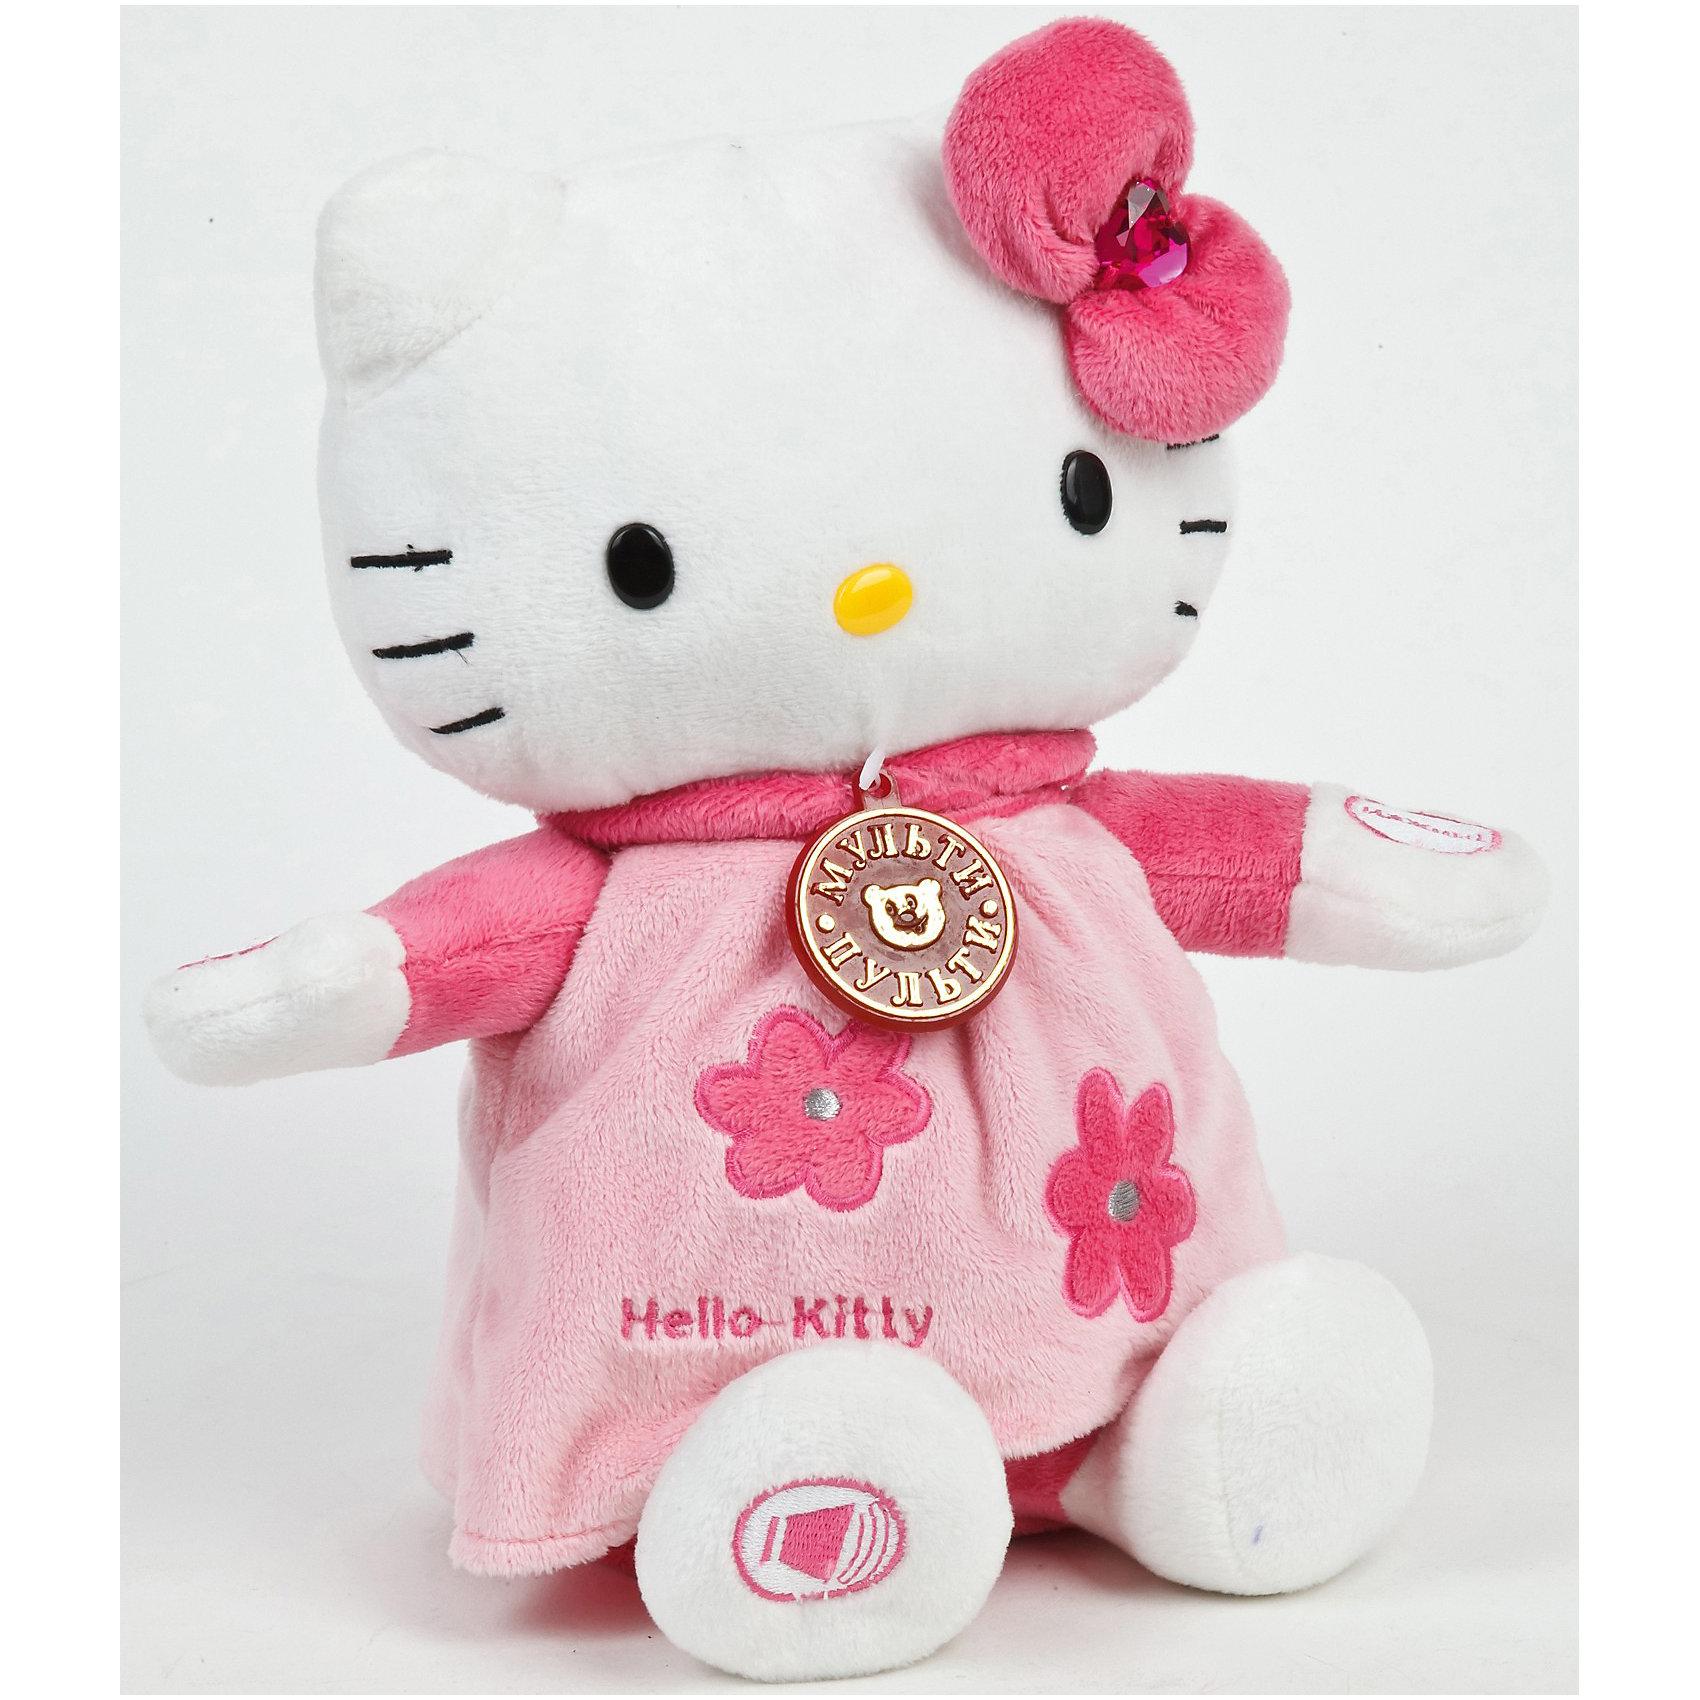 Мягкая  игрушка Hello Kitty, 25 см, со звуком, МУЛЬТИ-ПУЛЬТИМягкая  игрушка Hello Kitty  - милая и симпатичная кошечка, которая умеет рассказывать сказки.<br><br>Теперь Хелло Китти  может стать настоящим другом для Вашего ребенка! Эта милая кошечка знает 5 замечательных сказок, которые она готова пересказывать множество раз по желанию Вашего ребенка. <br>При этом, рассказывая сказки, кошечка качает головой.<br><br>Дополнительная информация:<br><br>- Высота игрушки: 25 см.<br>- 3 уровня громкости, кнопка пауза.<br>- Качает головой в стороны, когда рассказывает сказки. <br>- Рассказывает сказки: Аленький цветочек, Дюймовочка, Золушка, Красная шапочка, Принцесса на горошине.<br><br>Мягкую  игрушку Hello Kitty можно купить в нашем интернет-магазине.<br><br>Ширина мм: 190<br>Глубина мм: 150<br>Высота мм: 300<br>Вес г: 667<br>Возраст от месяцев: 36<br>Возраст до месяцев: 1188<br>Пол: Унисекс<br>Возраст: Детский<br>SKU: 3295318